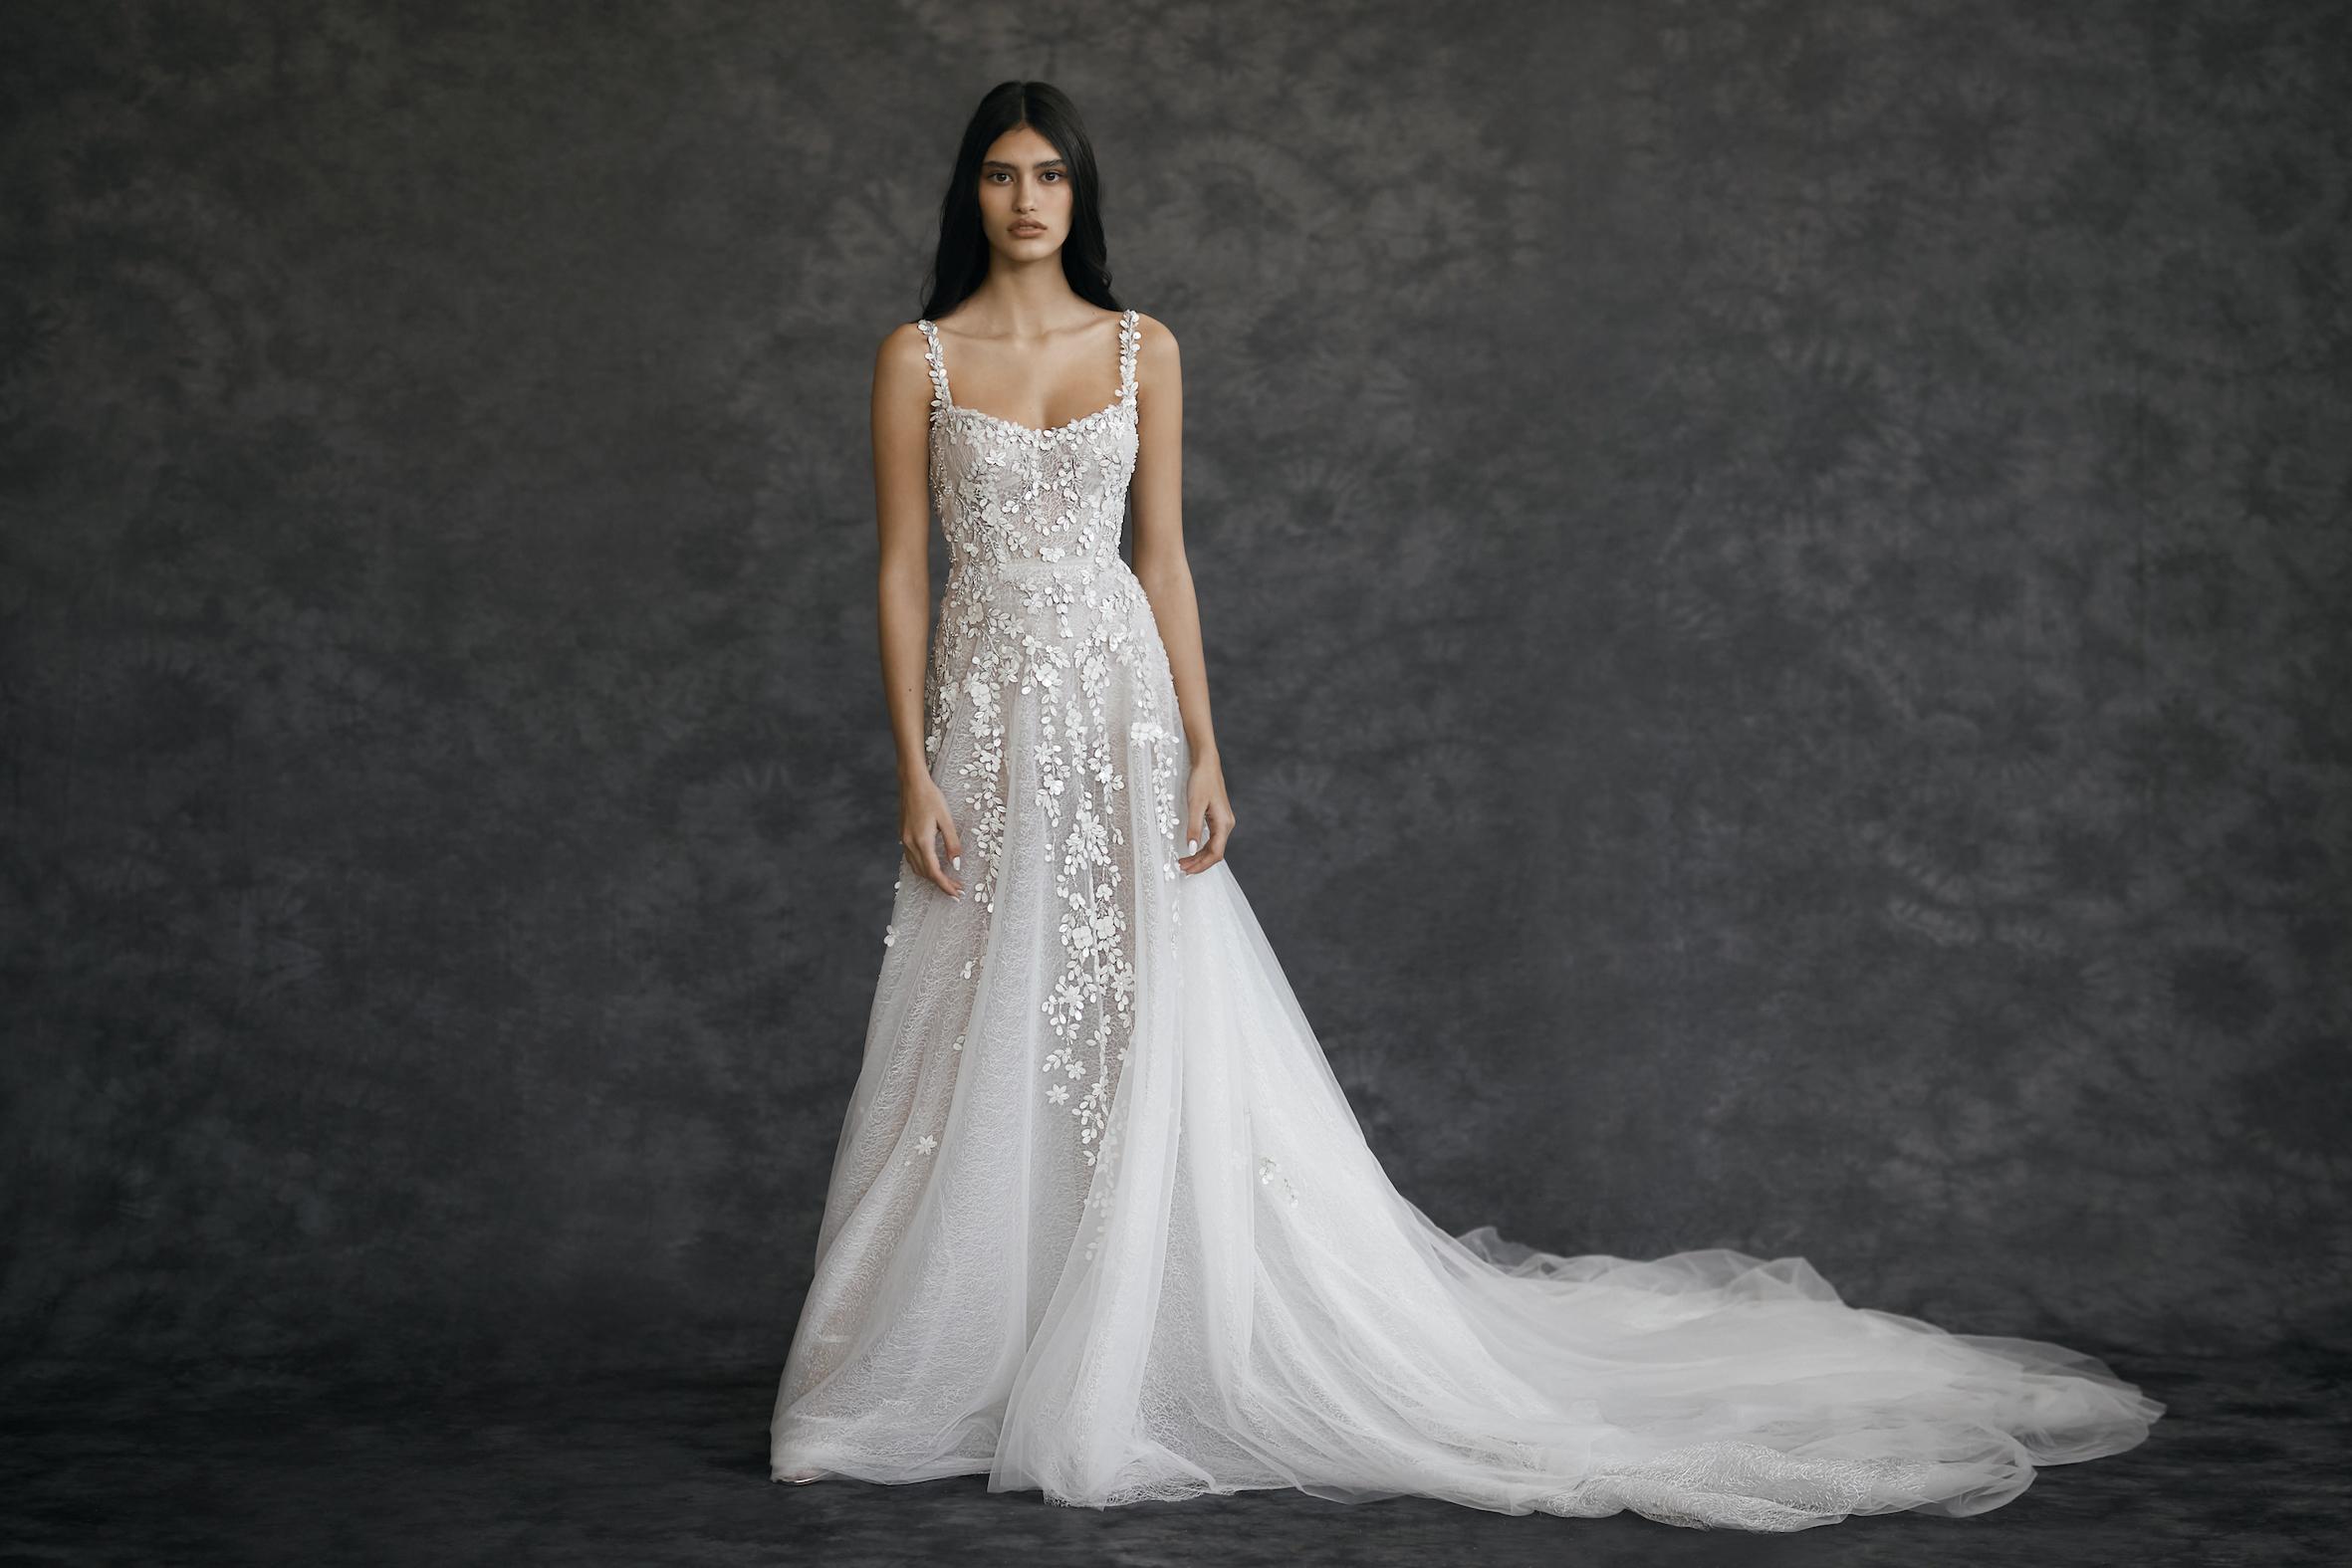 nadine dress photo